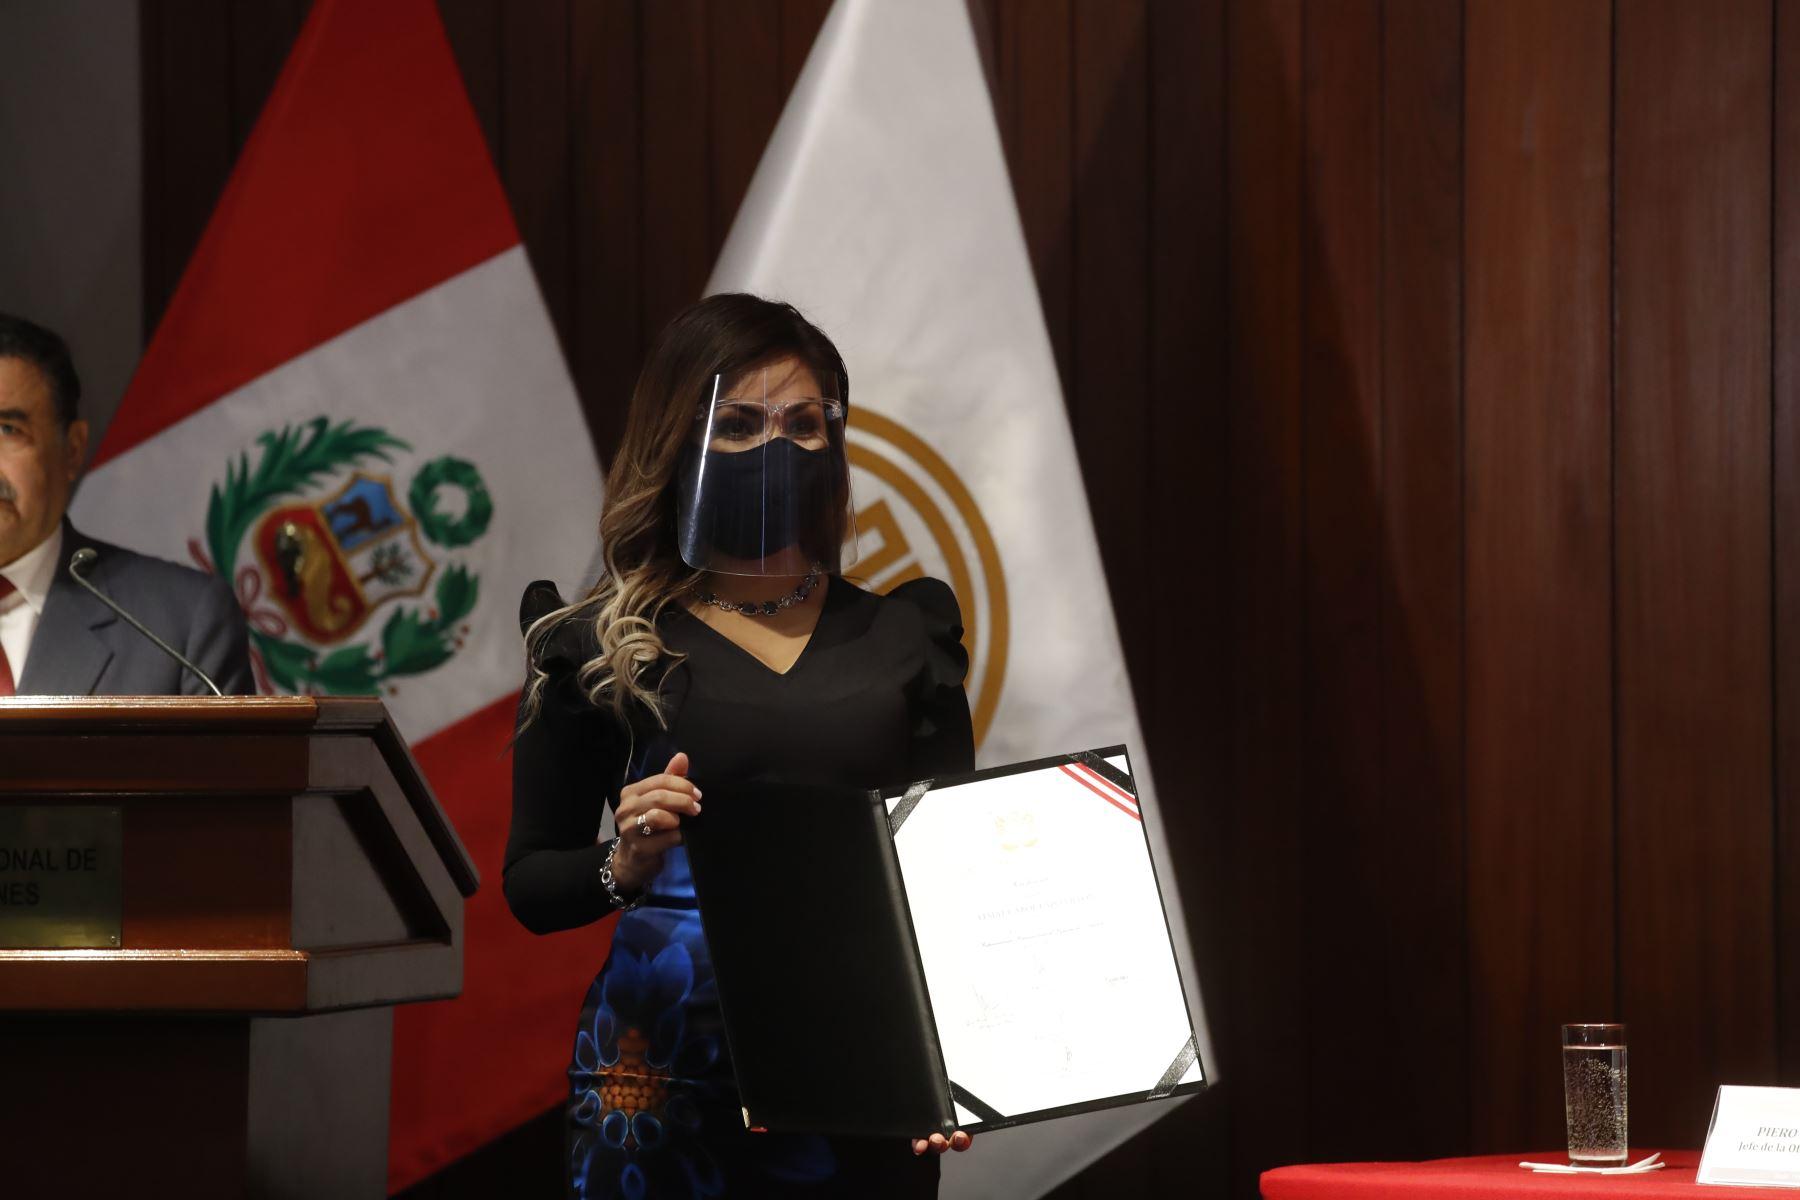 Leslye Carol Lazo Villón representante de Acción Popular en ceremonia de entrega de credenciales a representantes del Parlamento Andino. Foto: ANDINA/Juan Carlos Guzmán